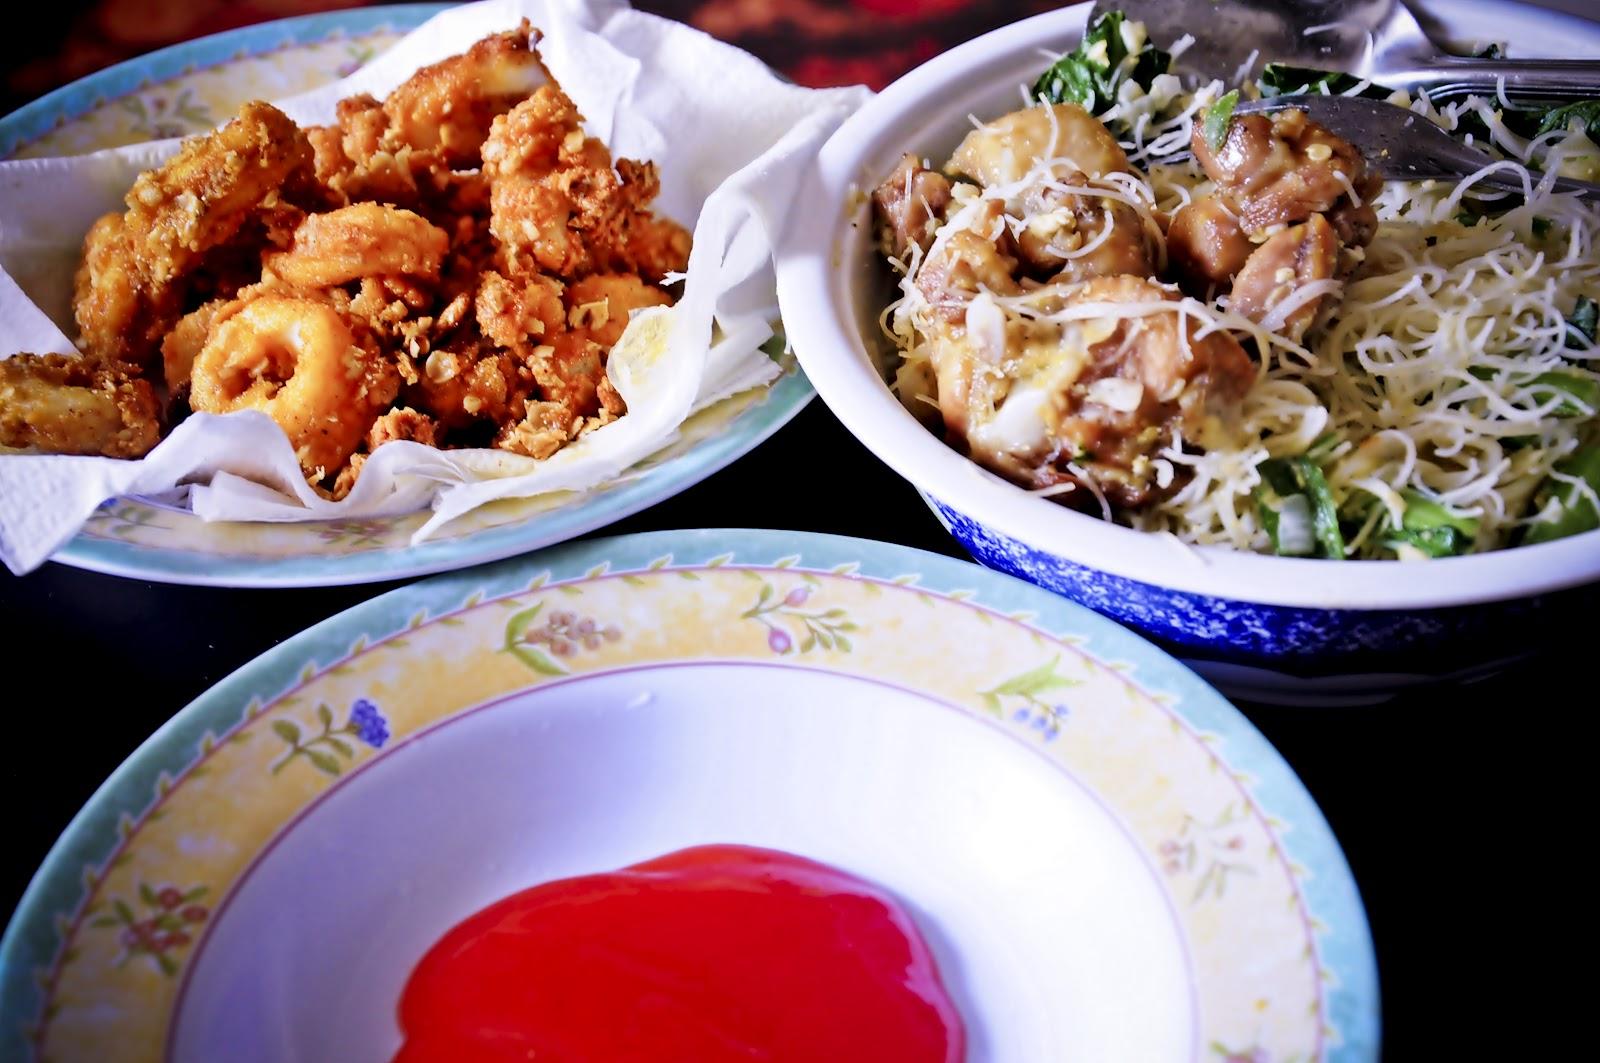 Dapur Bujang Bihun Goreng Cina Sotong Ber Oat